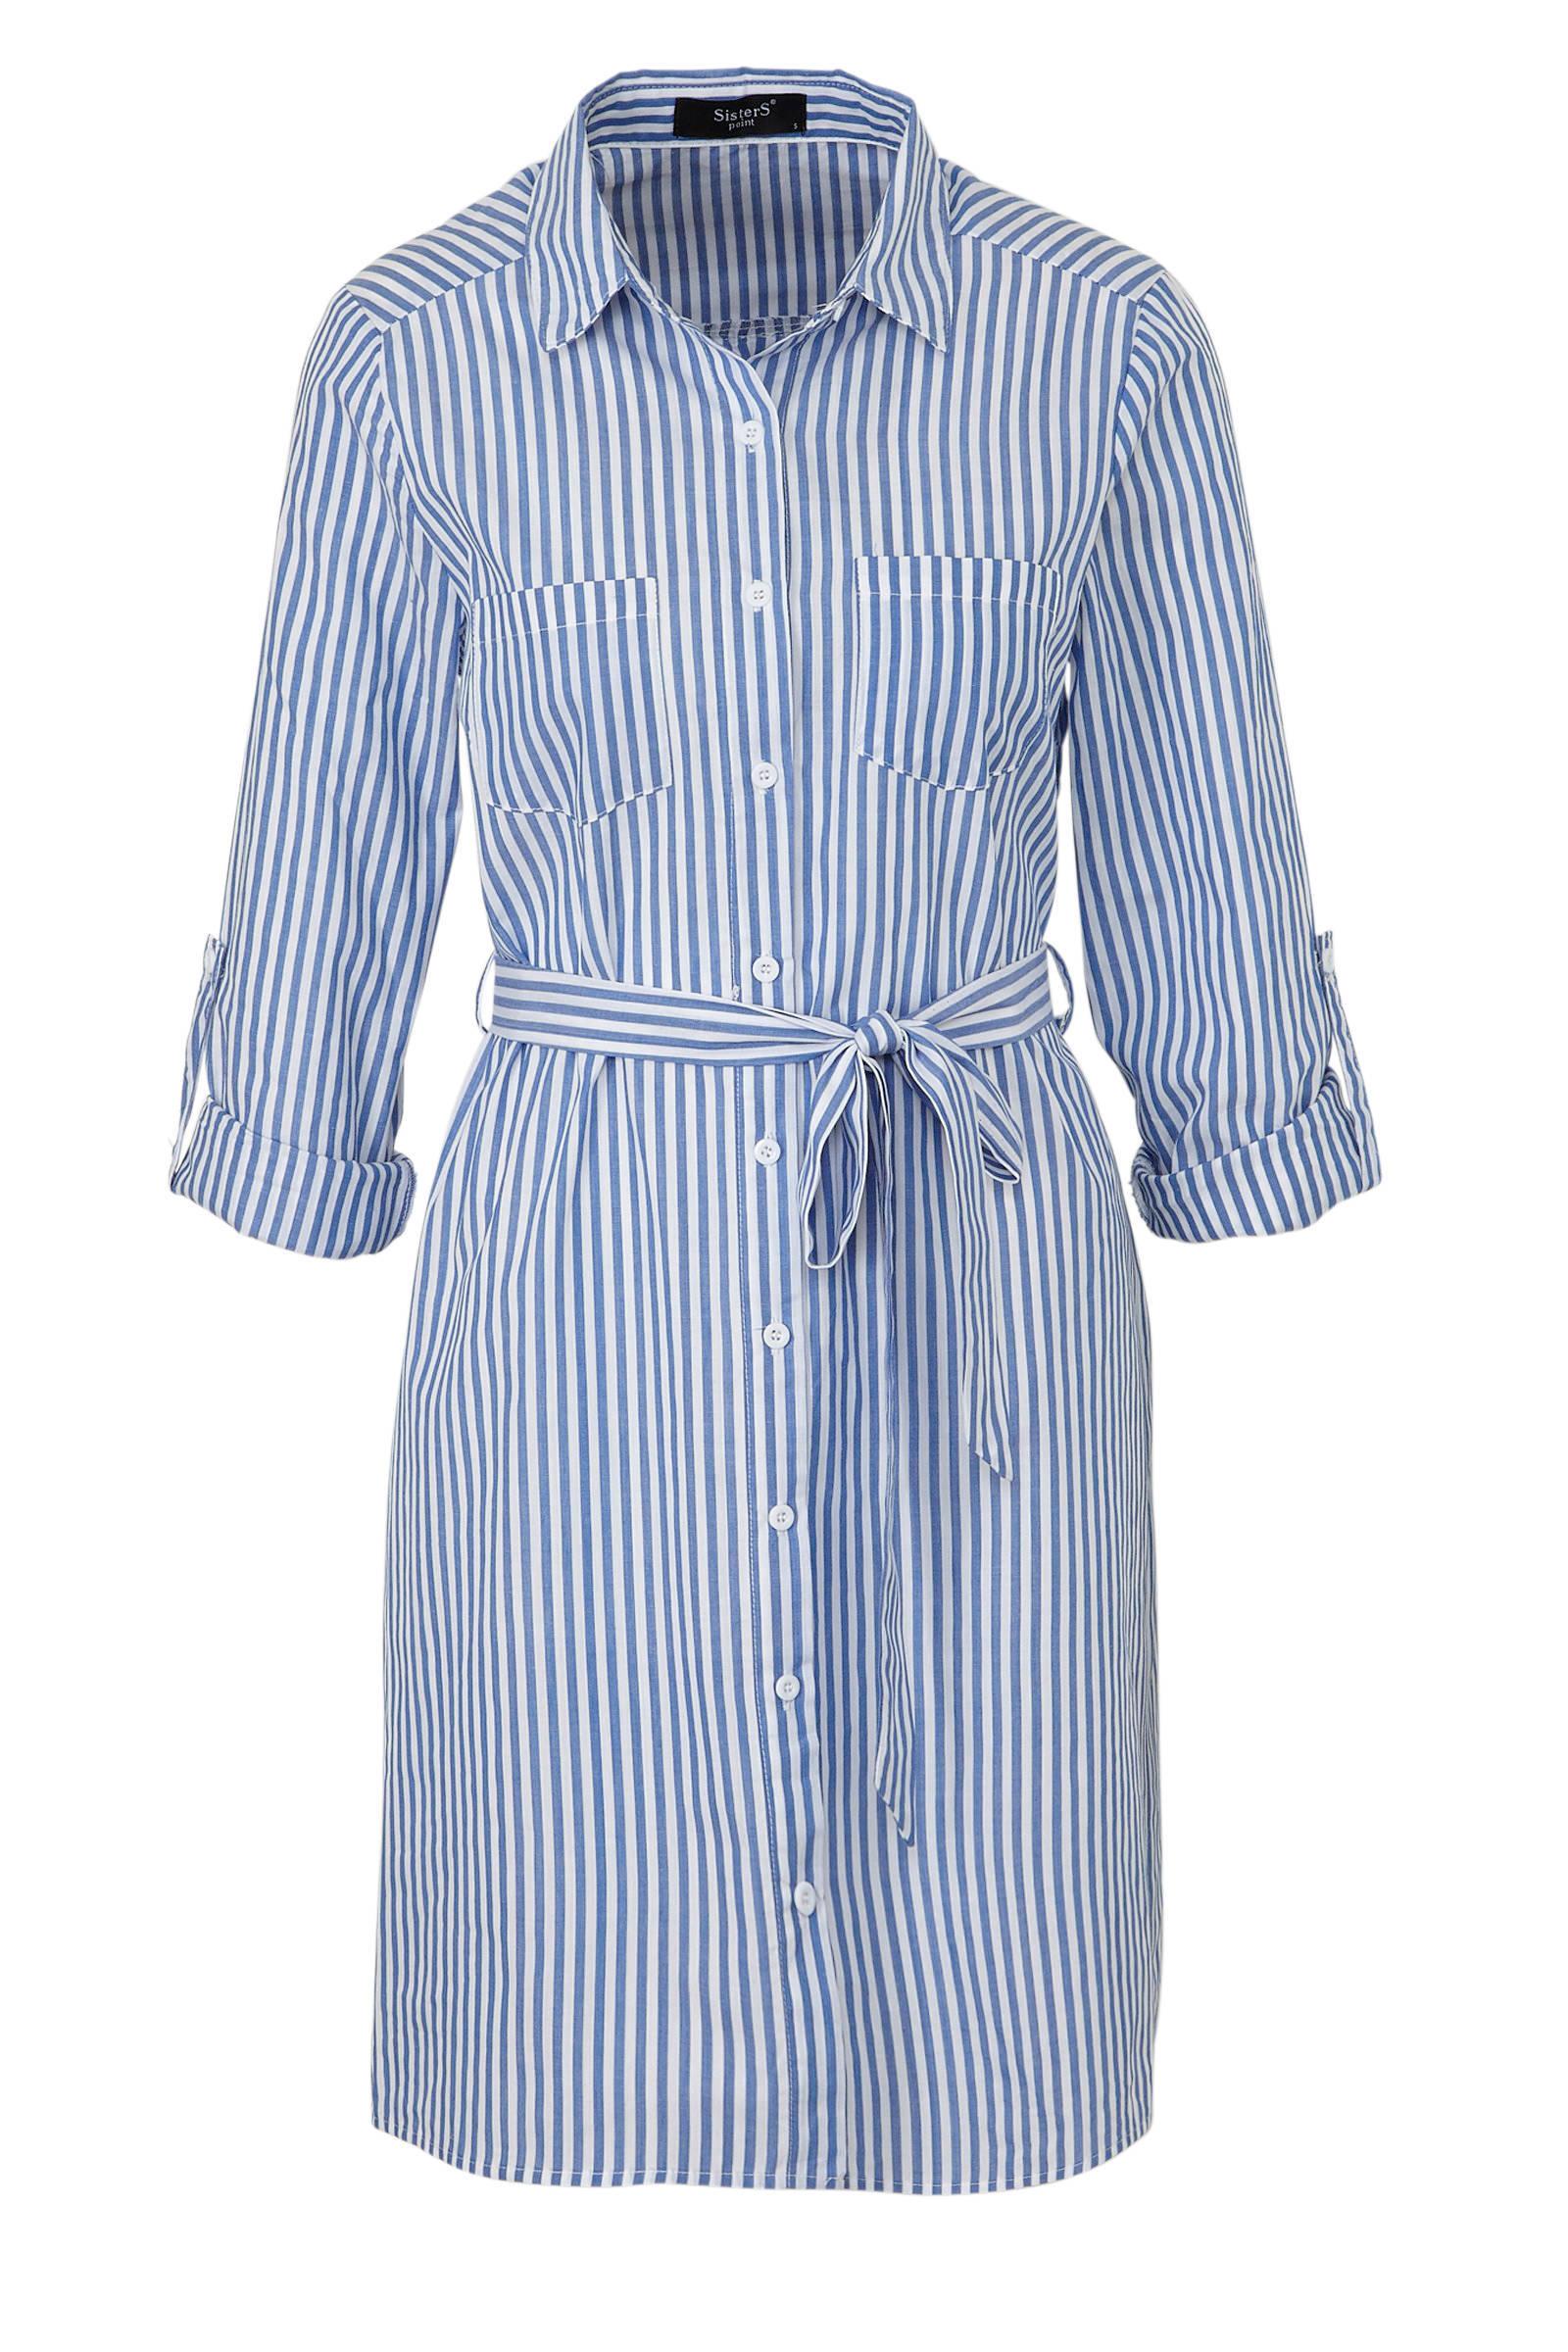 gestreepte blousejurk blauwwit